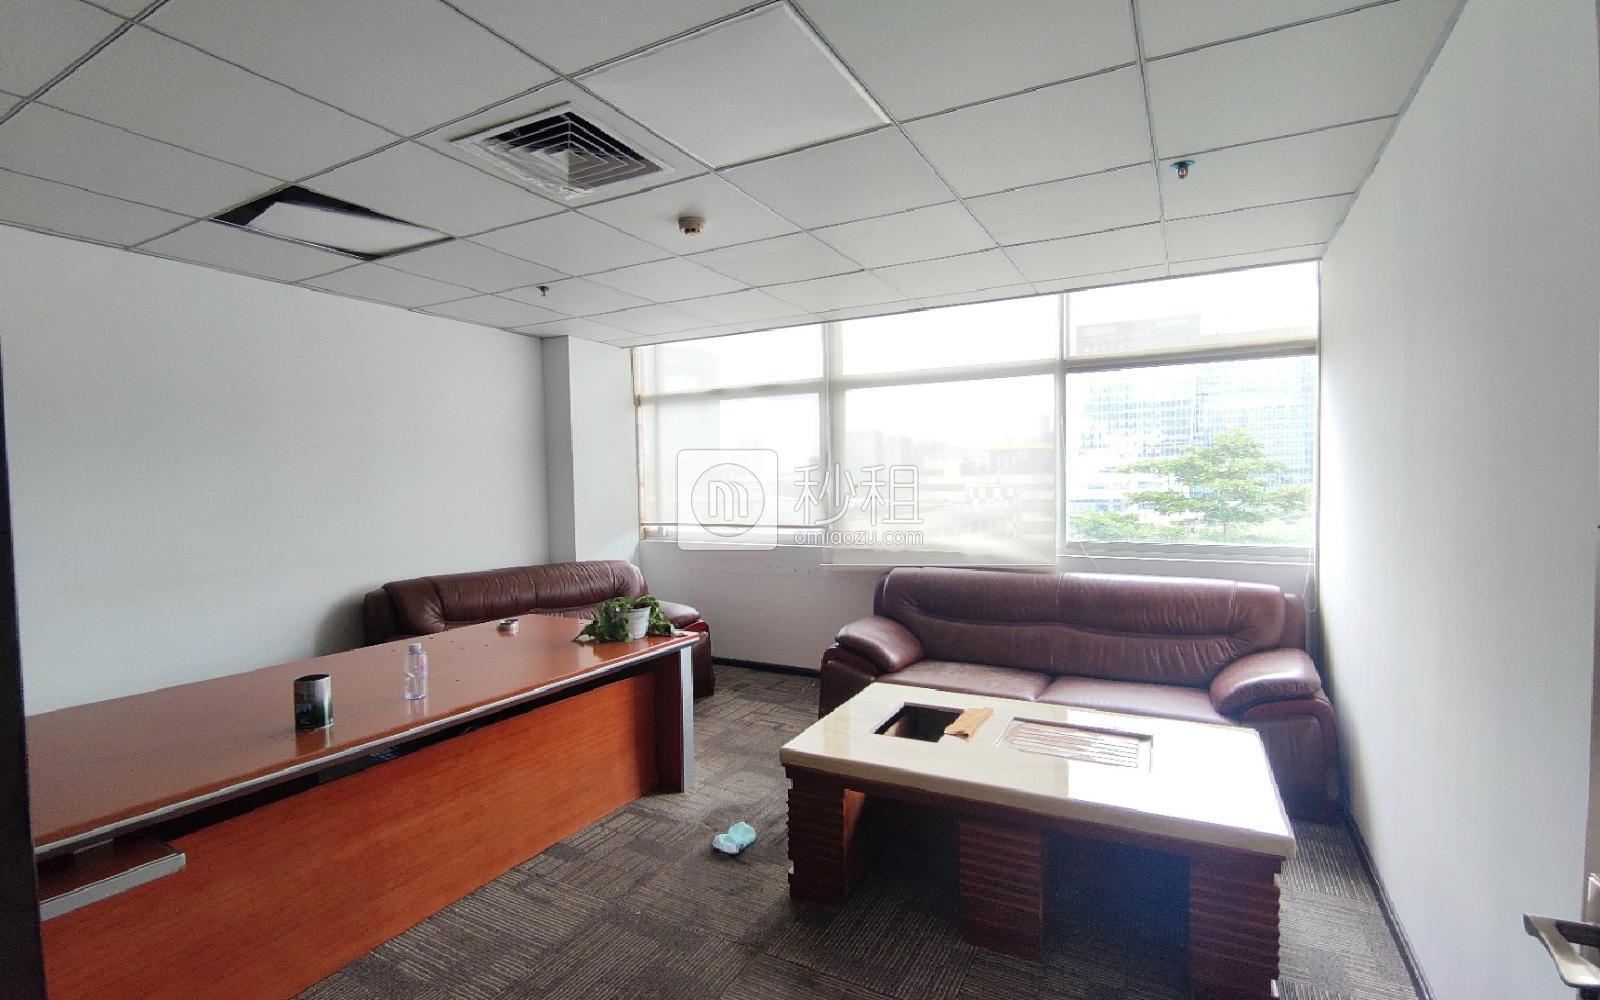 華瀚科技大廈寫字樓出租304平米精裝辦公室65元/m2.月